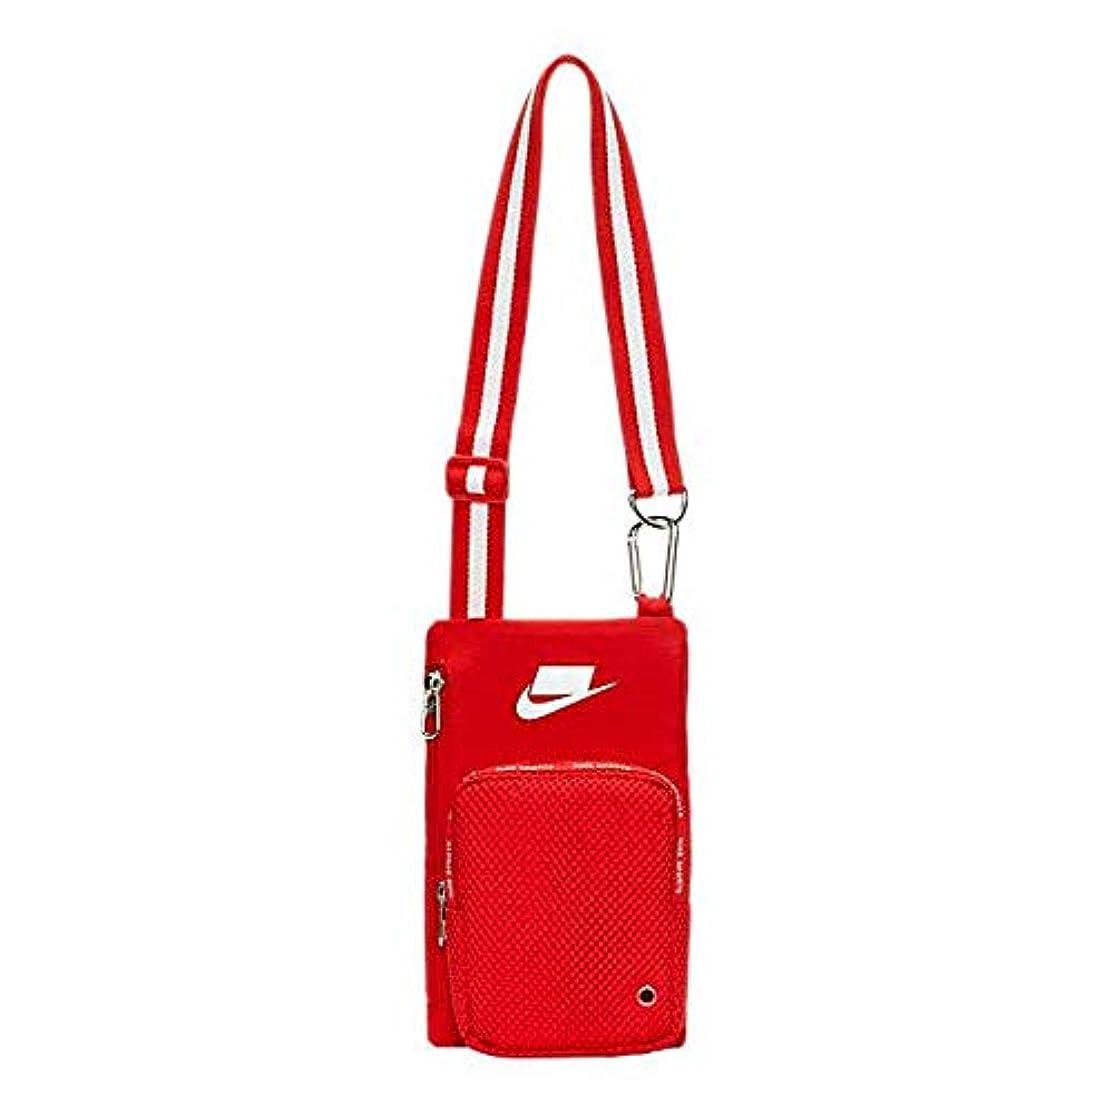 フォーマル抗生物質表現ナイキ クロスボディ バッグ Nike Sport Crossbody ショルダーバッグ University Red/Summit White_OneSize [並行輸入品]